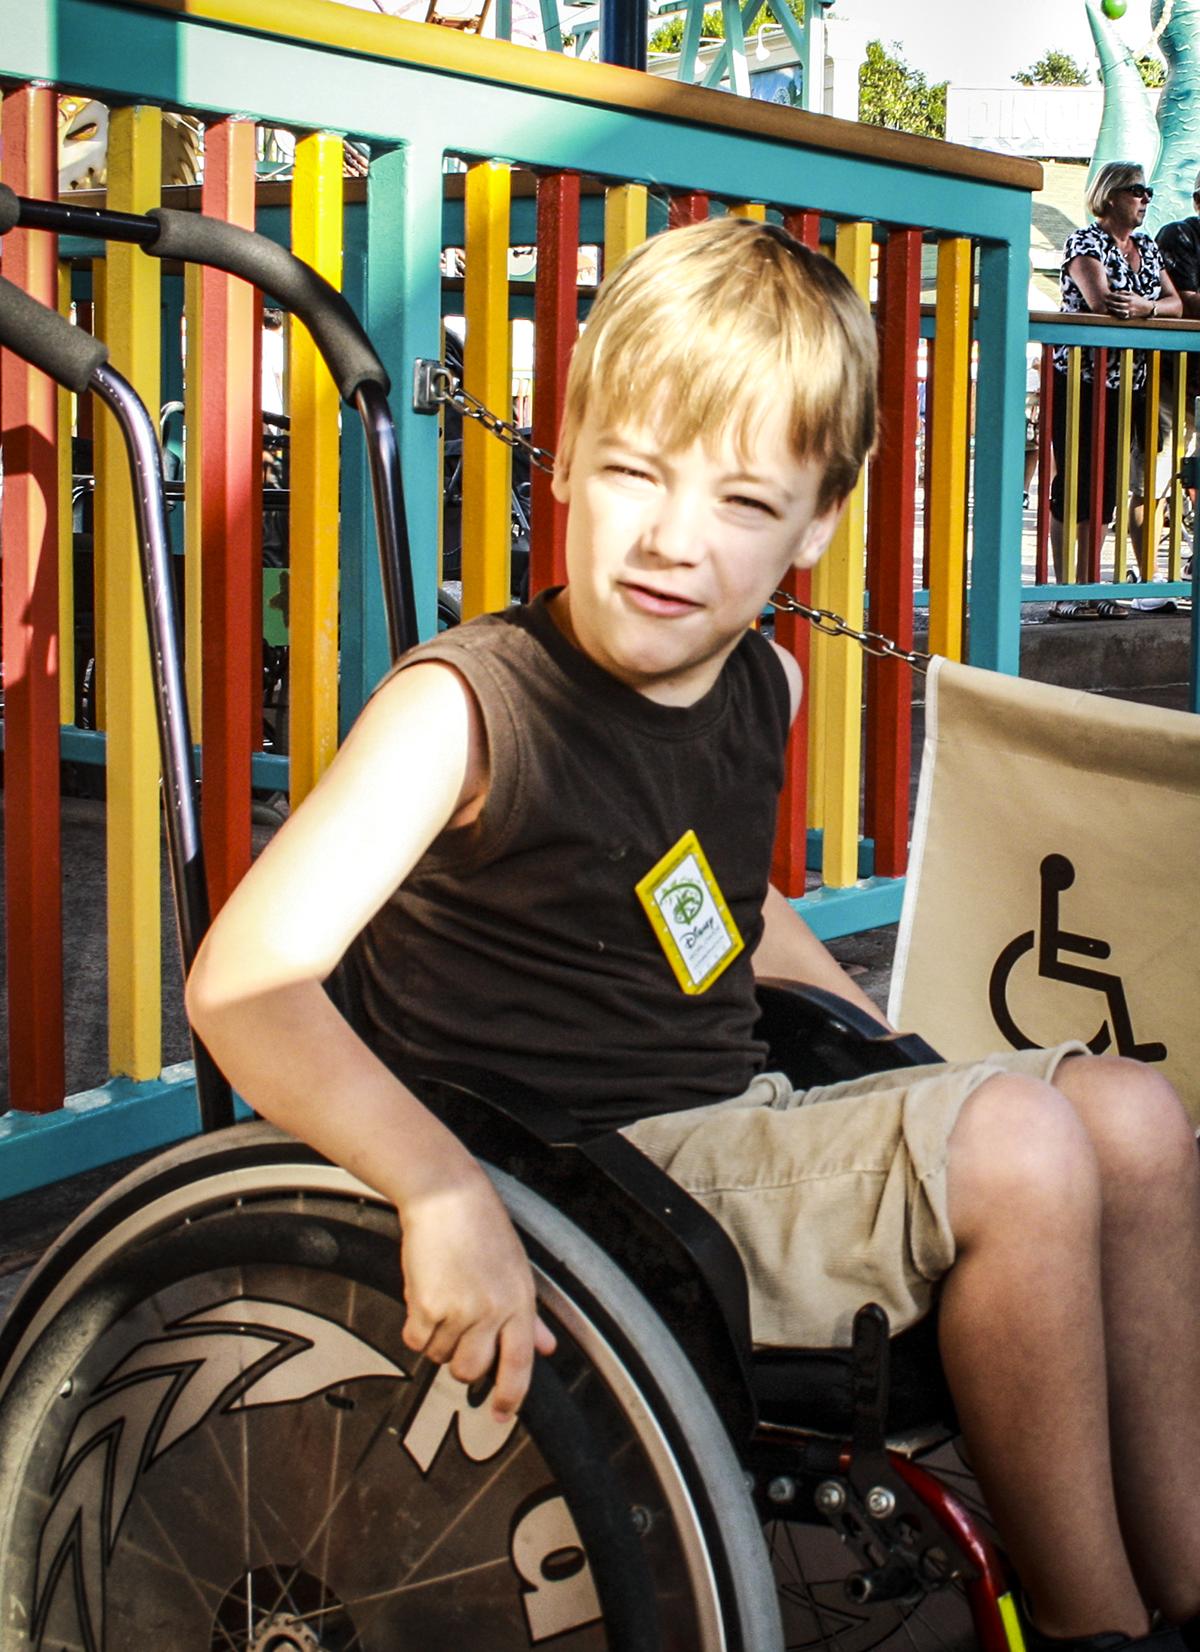 resa med funktionsnedsättning